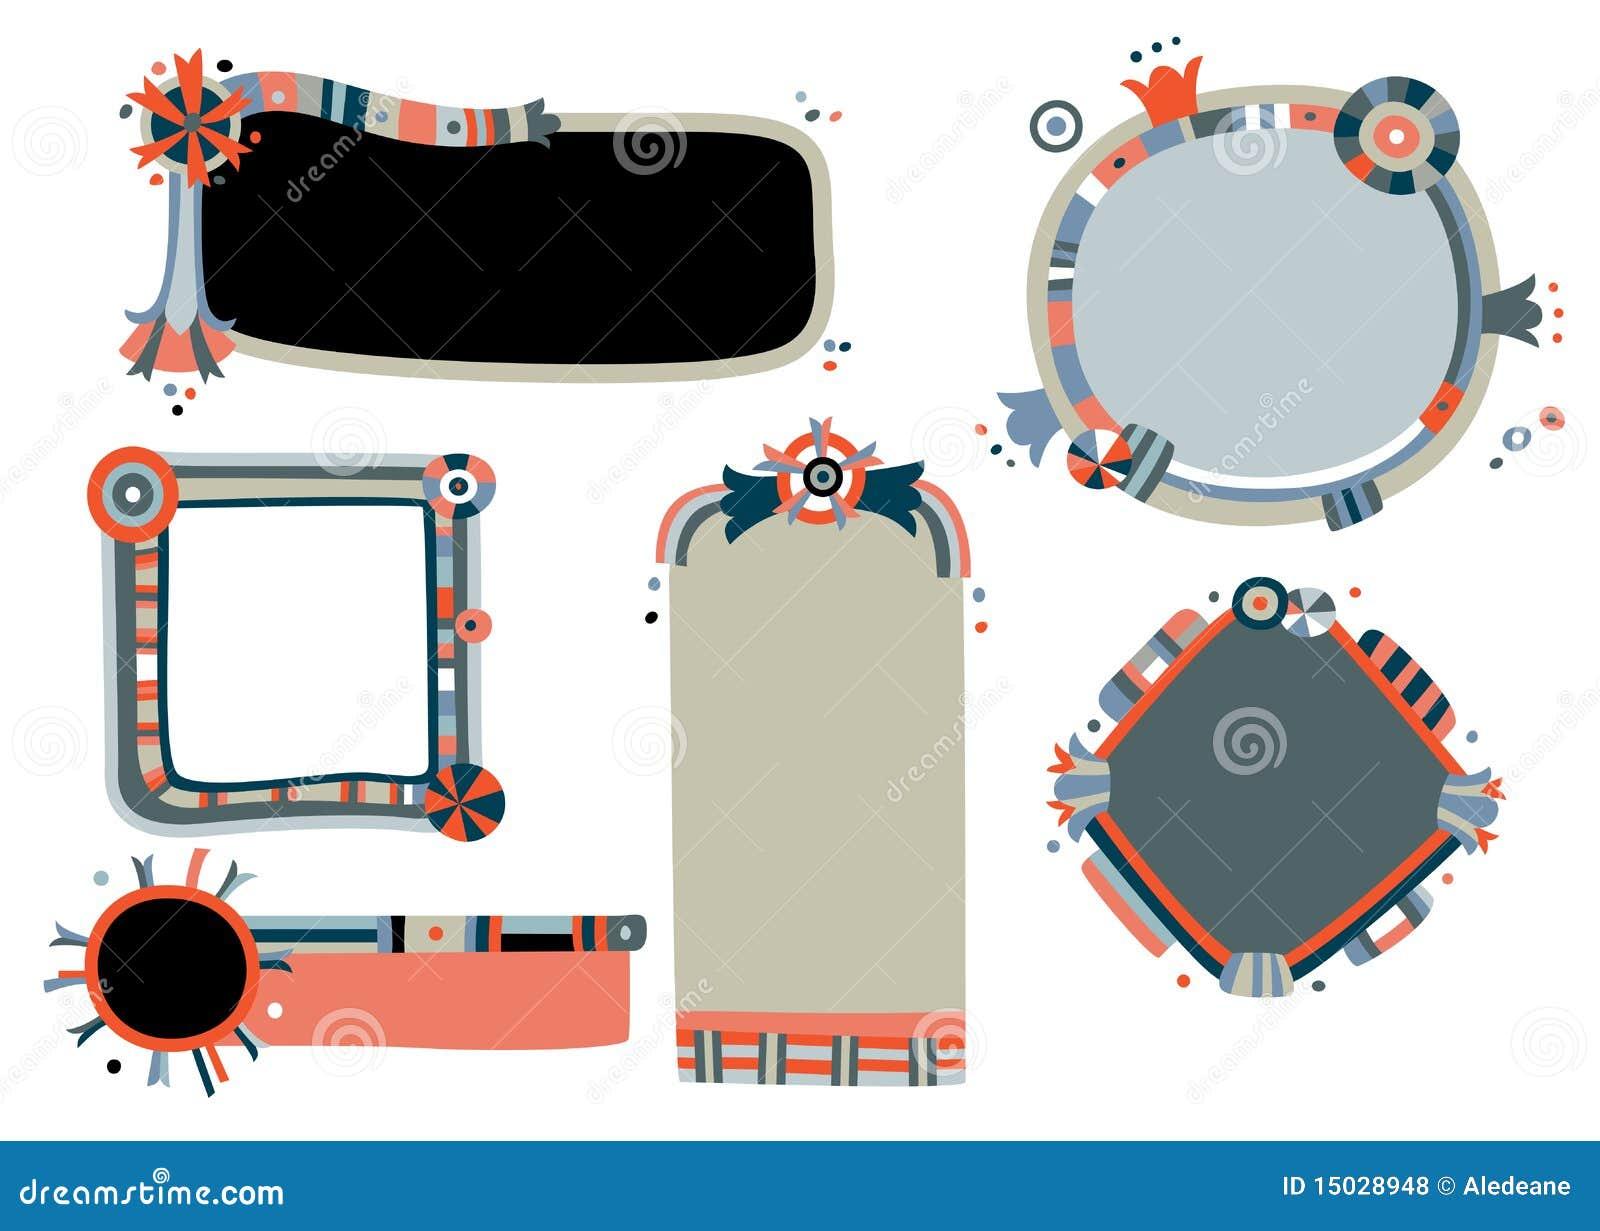 Whimsical Frames stock vector. Illustration of geometric - 15028948